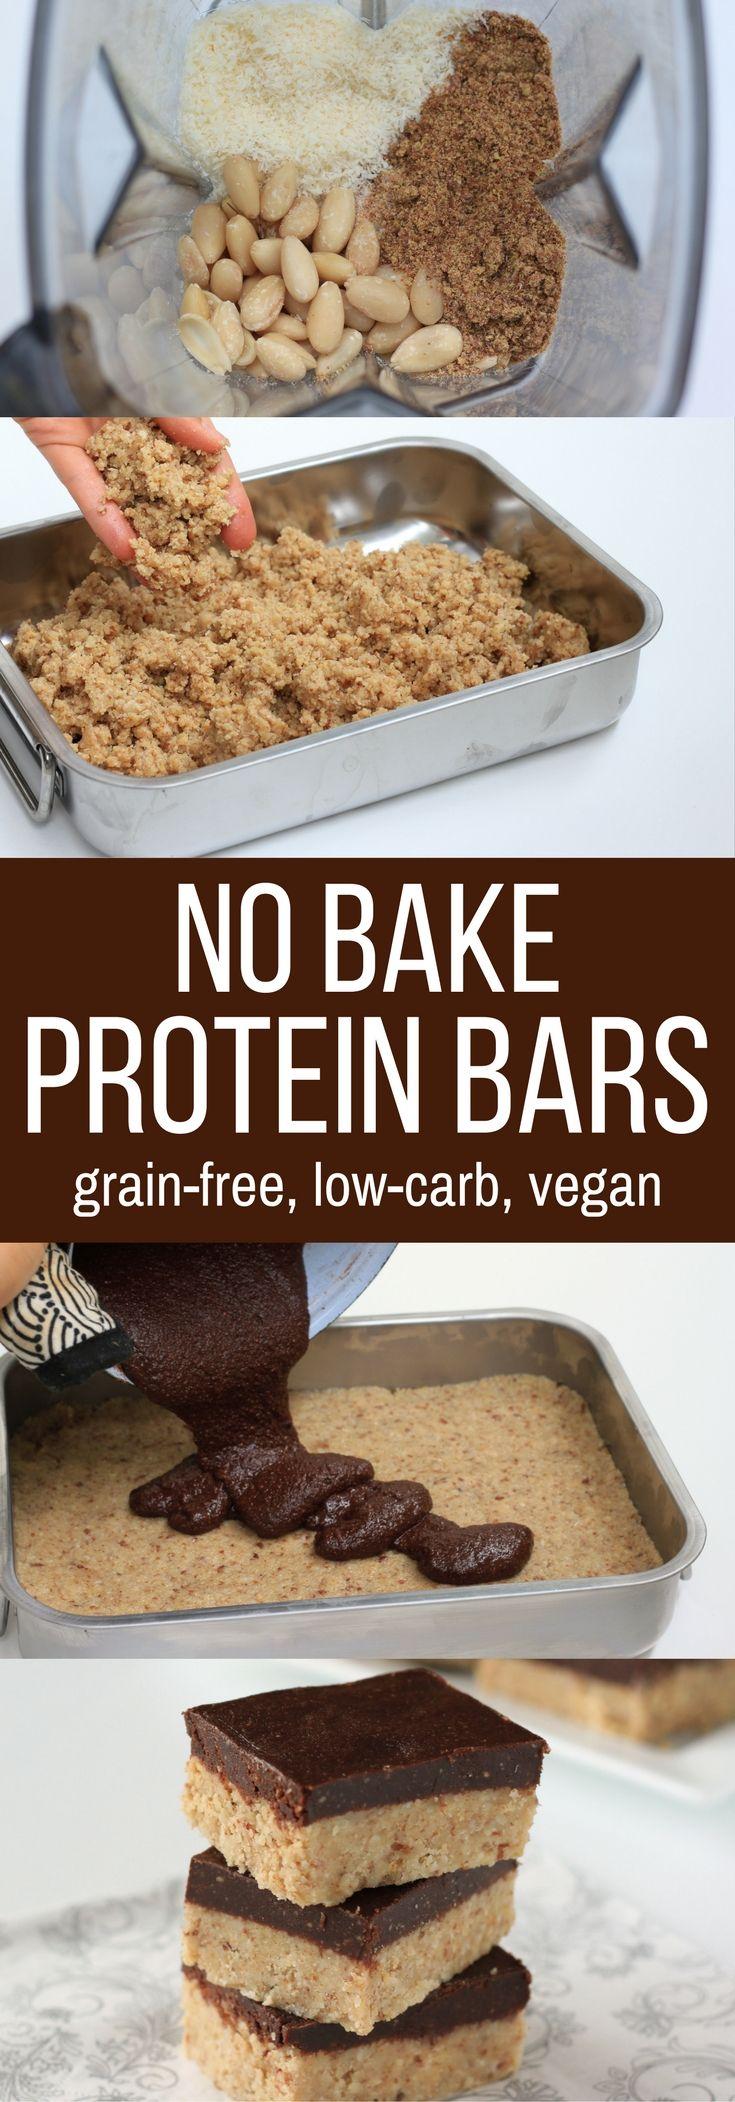 Ez no bake protein barsgrainfree lowcarb vegan